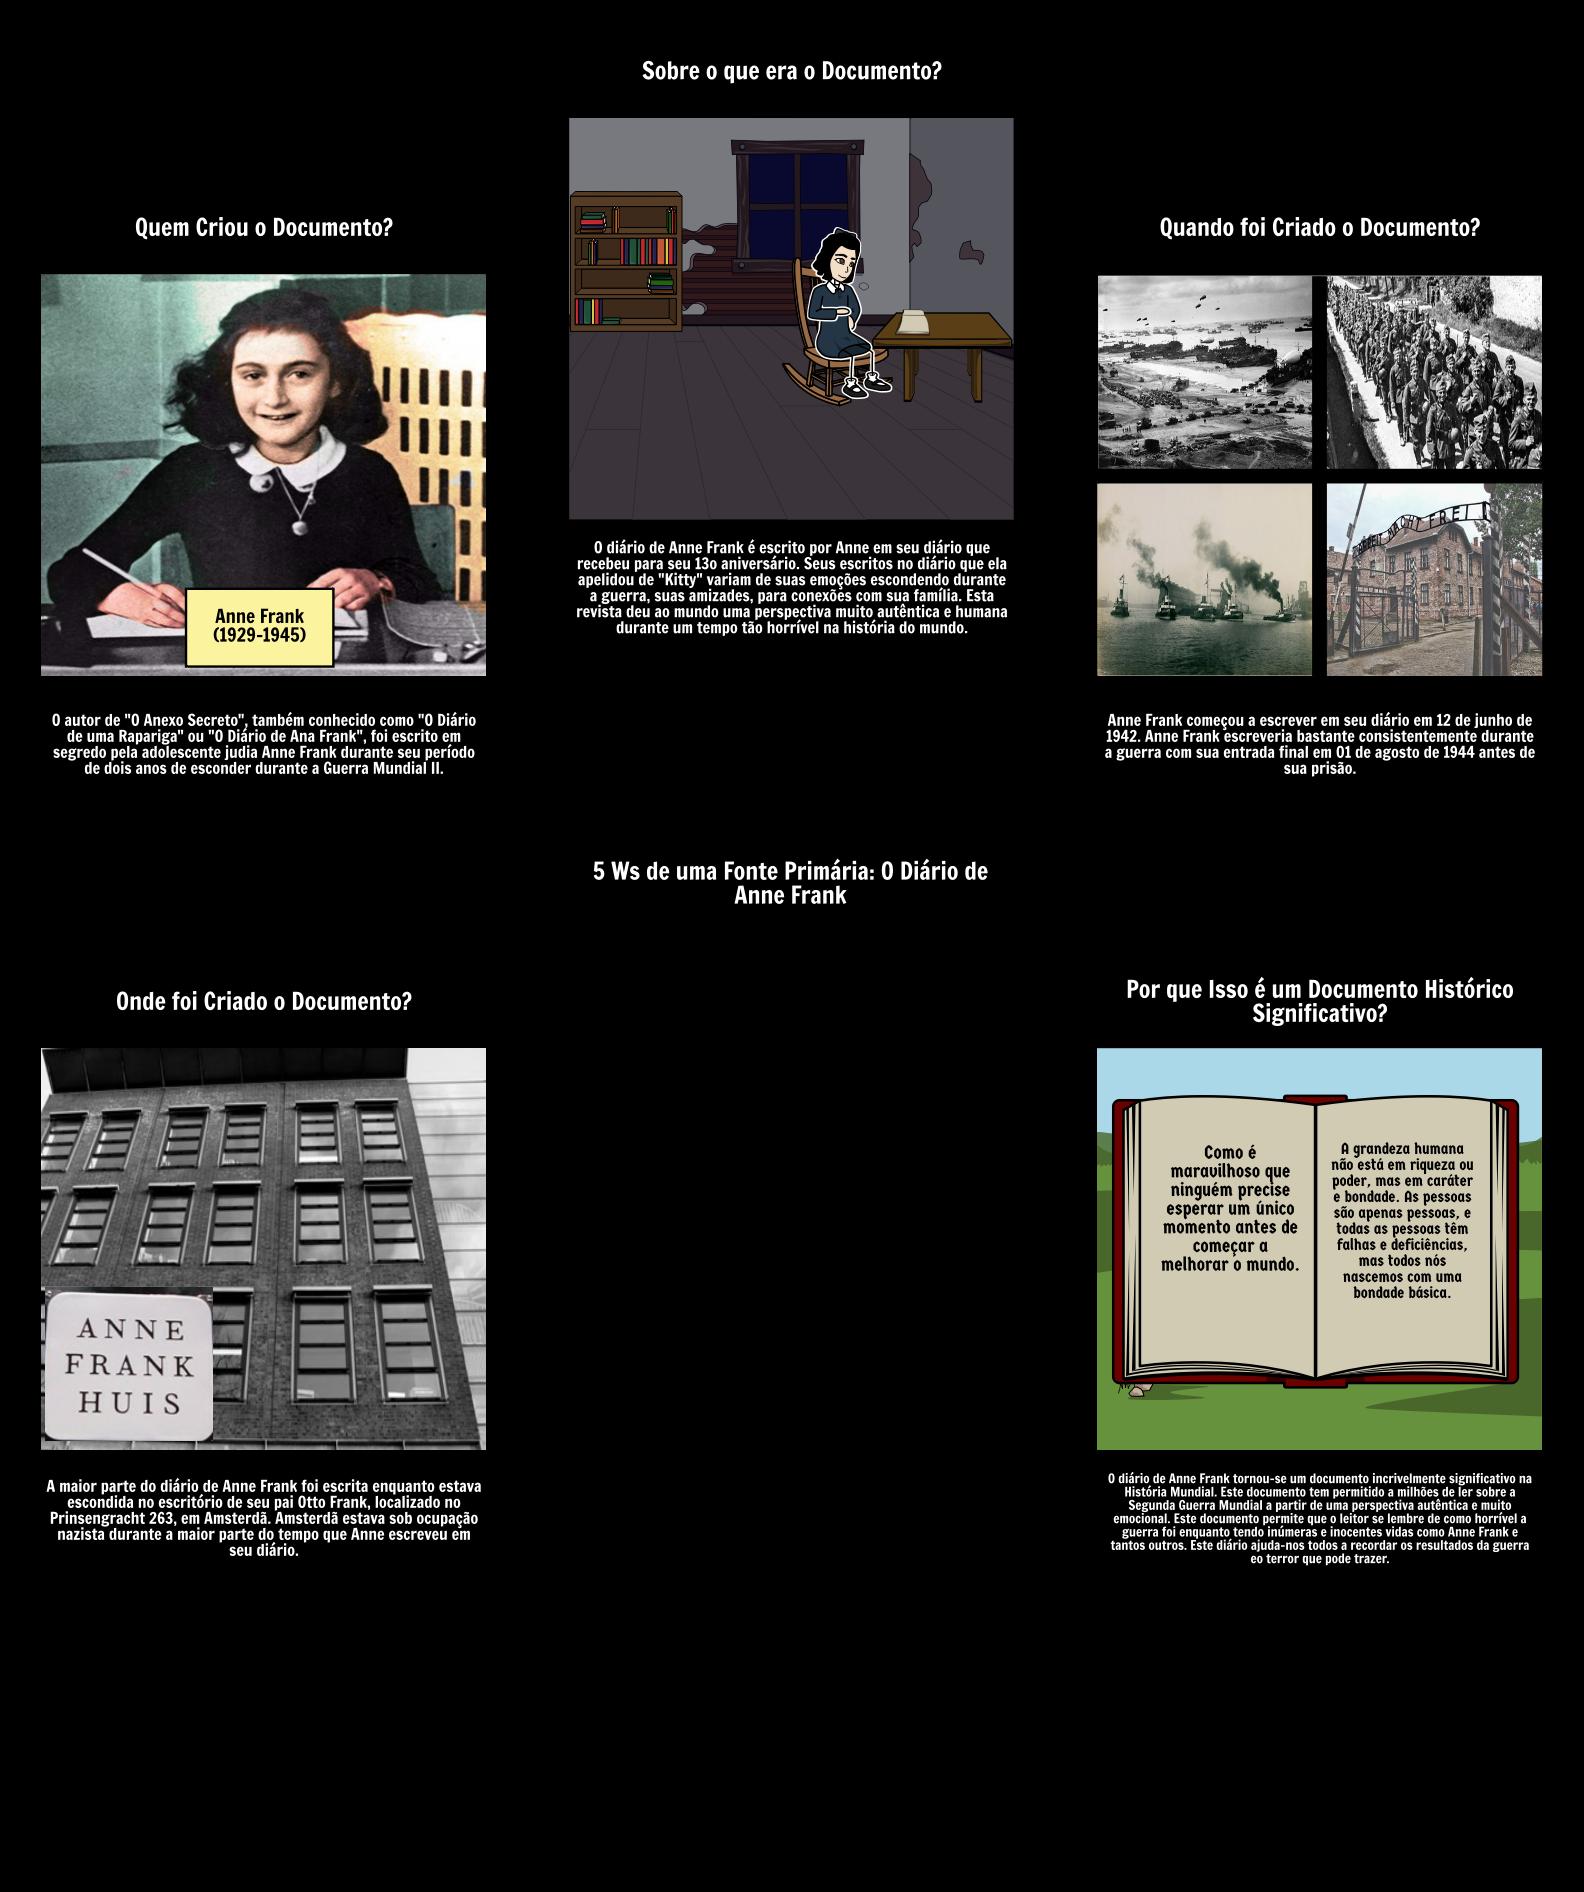 Fonte Primária 5Ws: O Diário de Anne Frank